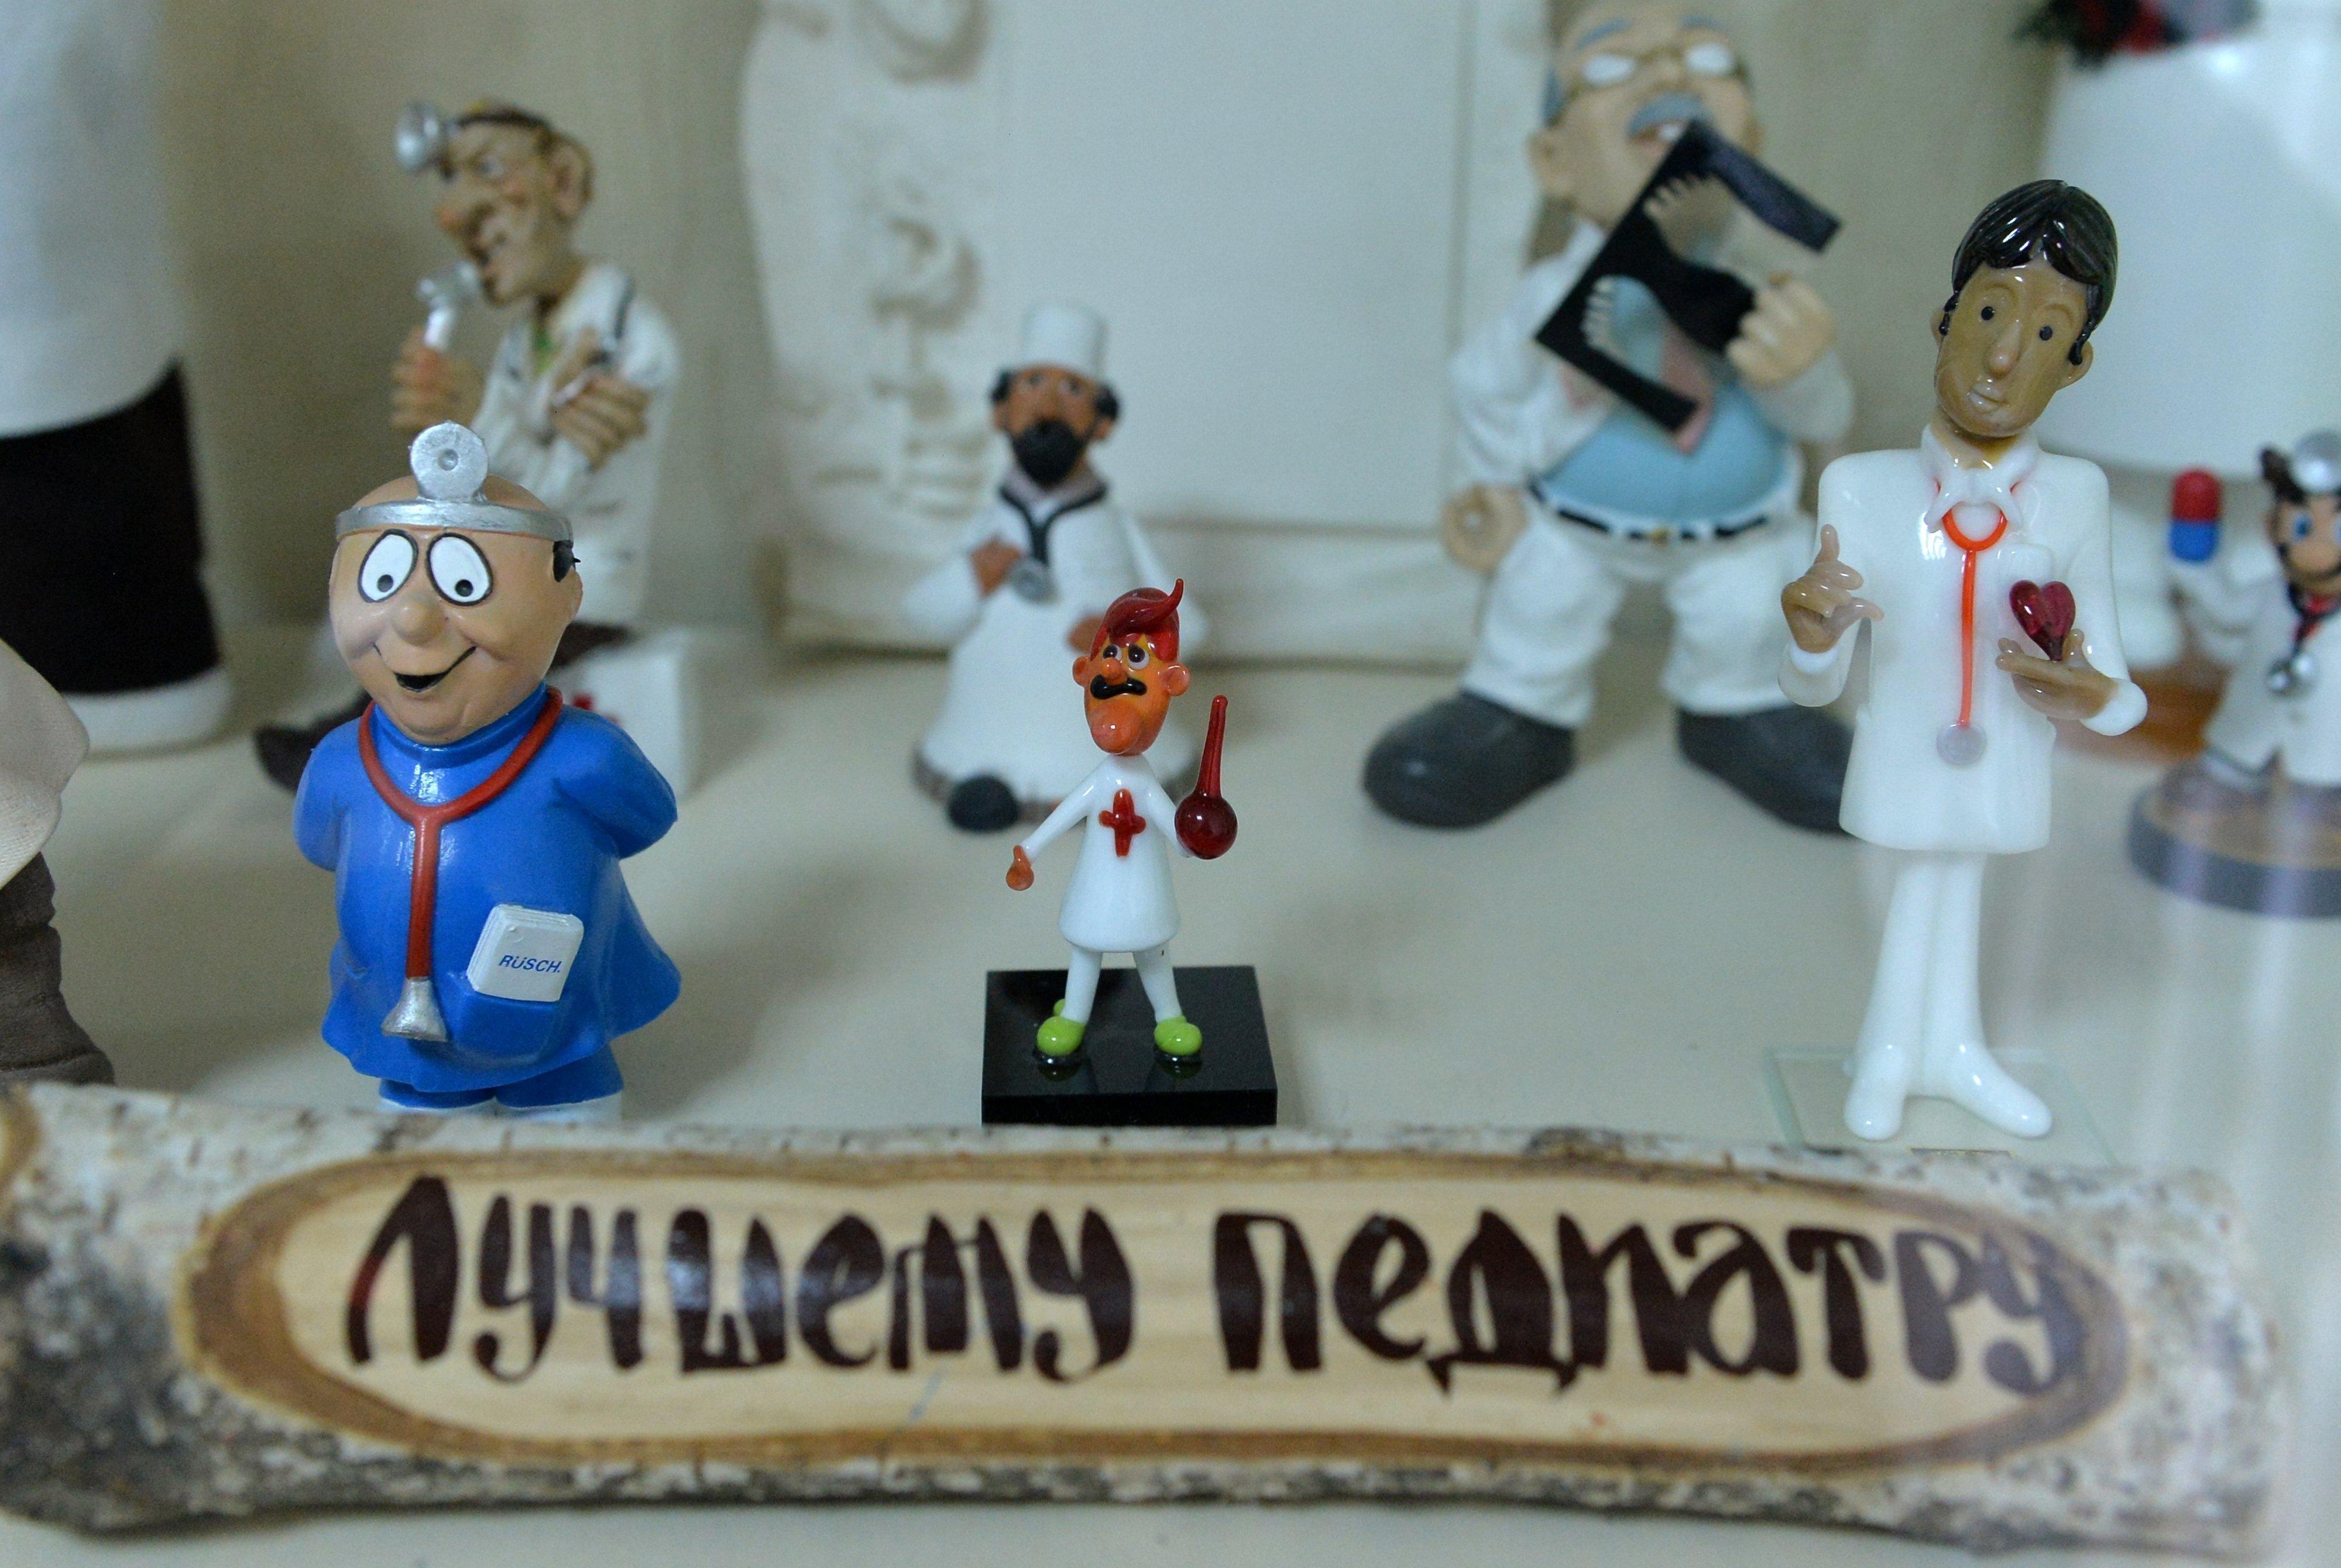 Смешные фигурки врачей стали собираться случайно, а сейчас ими уставлен весть кабинет доктора, к восторгу юных пациентов